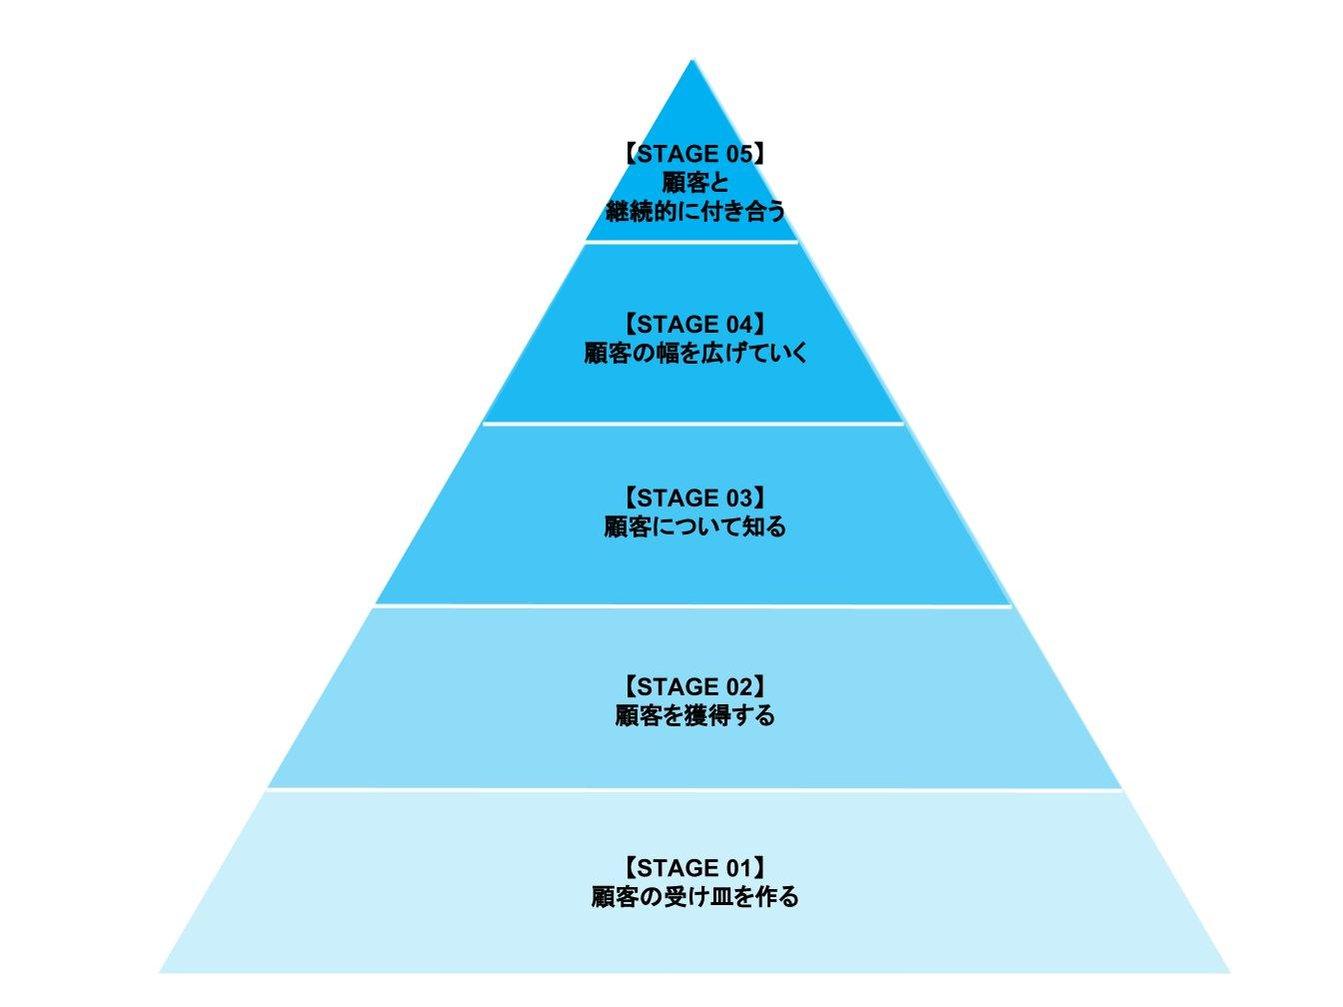 デジタルマーケティング5つのステージ1